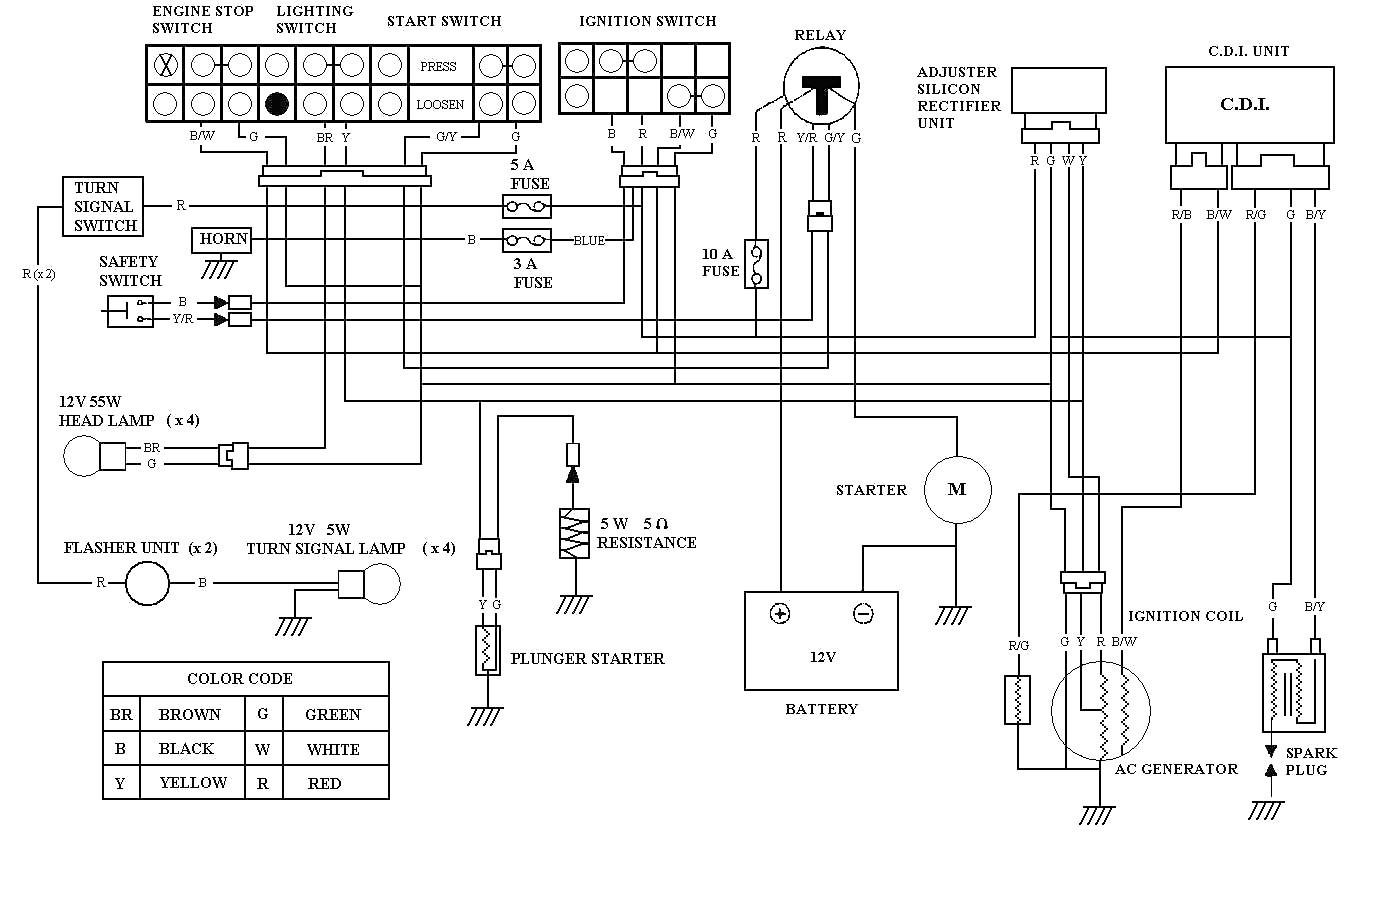 Toyota Wiring Diagrams Ruckus